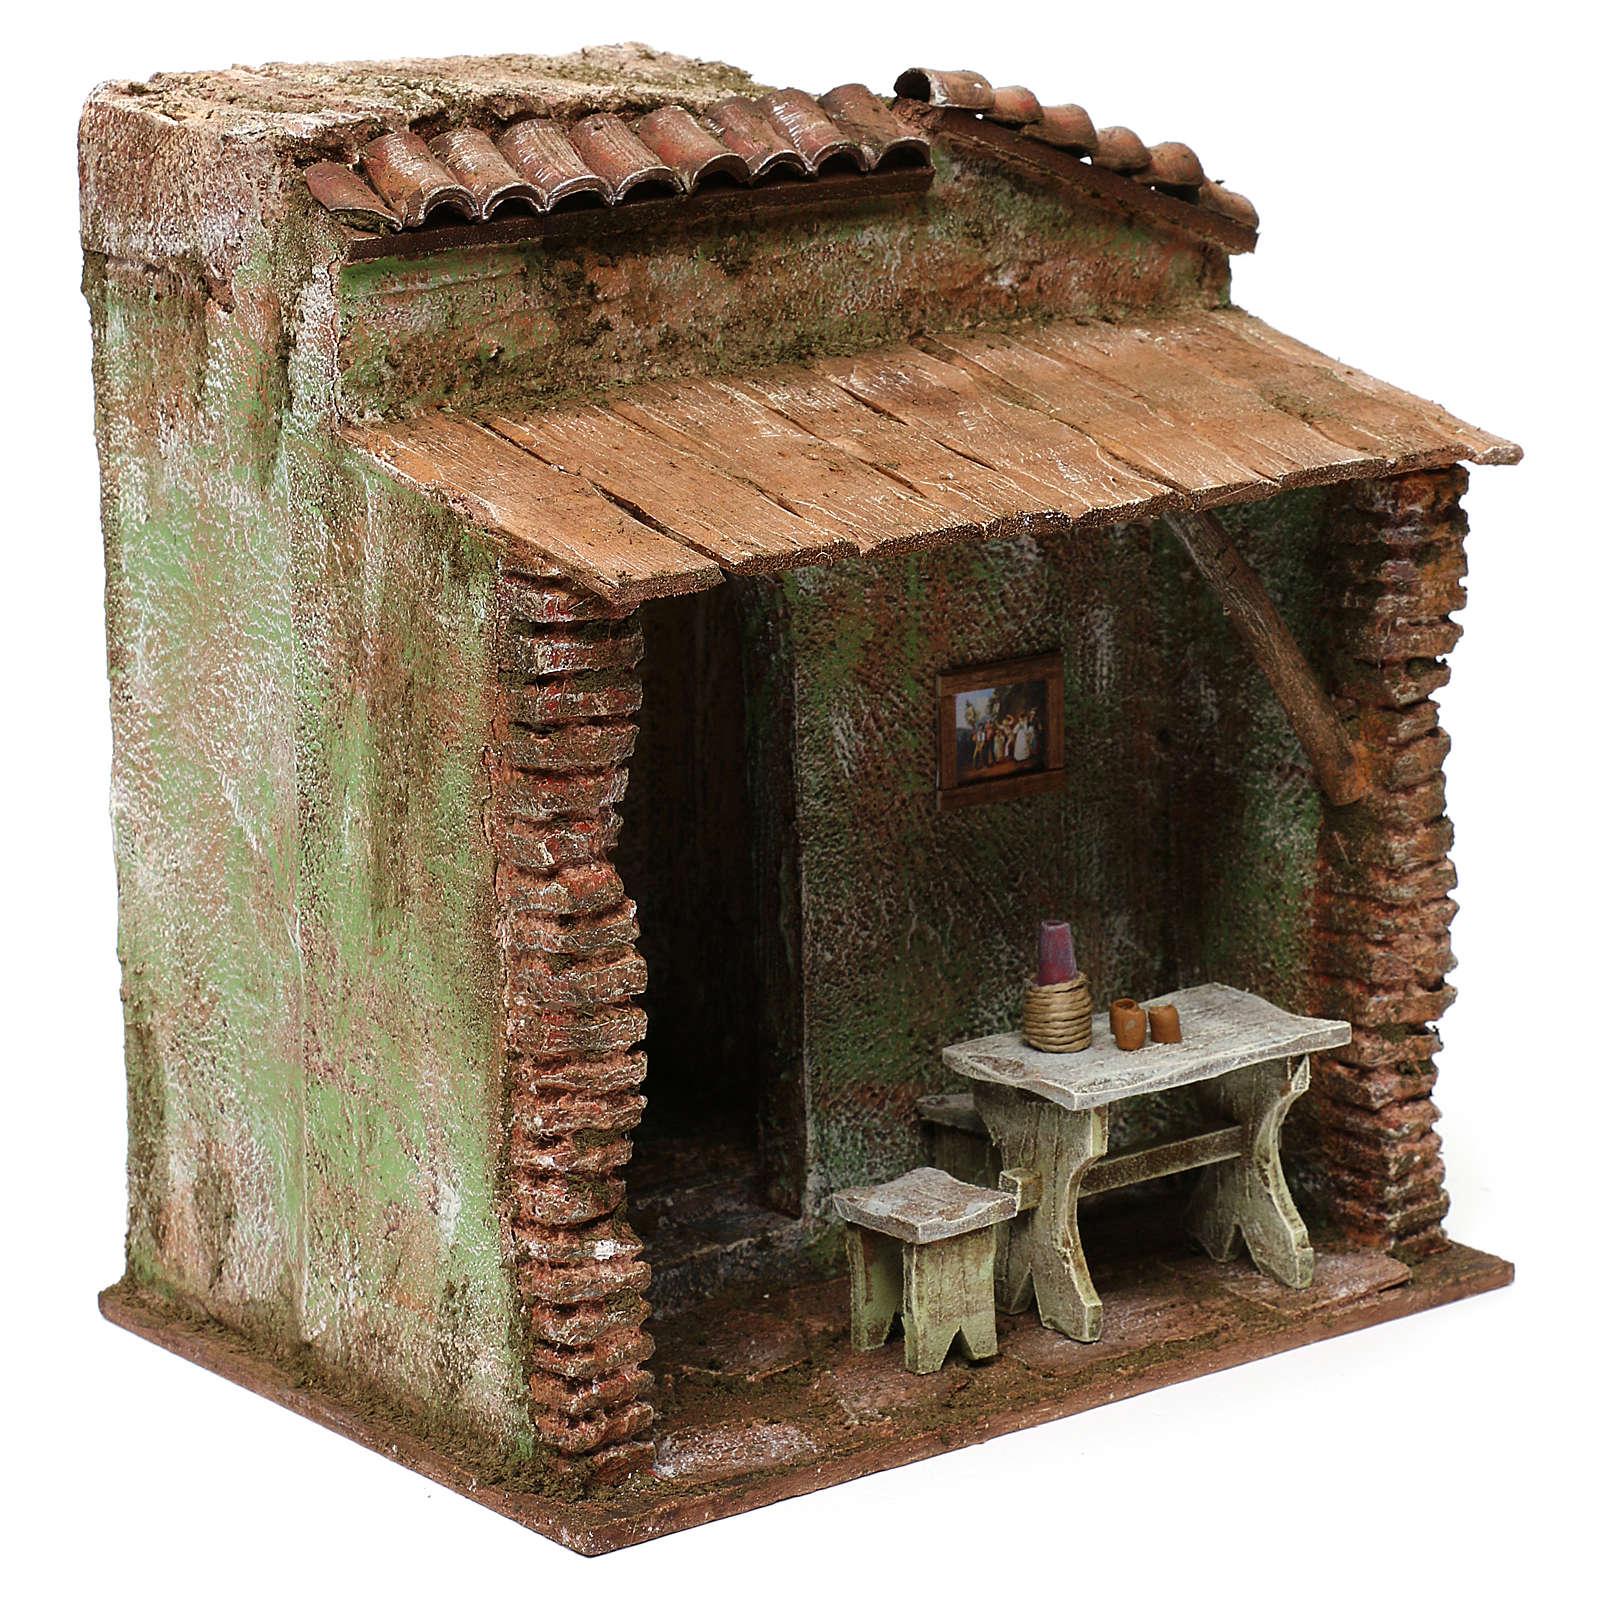 Osteria con tavolo e botte presepe 12 cm ambientazione 25x25x20 cm 4